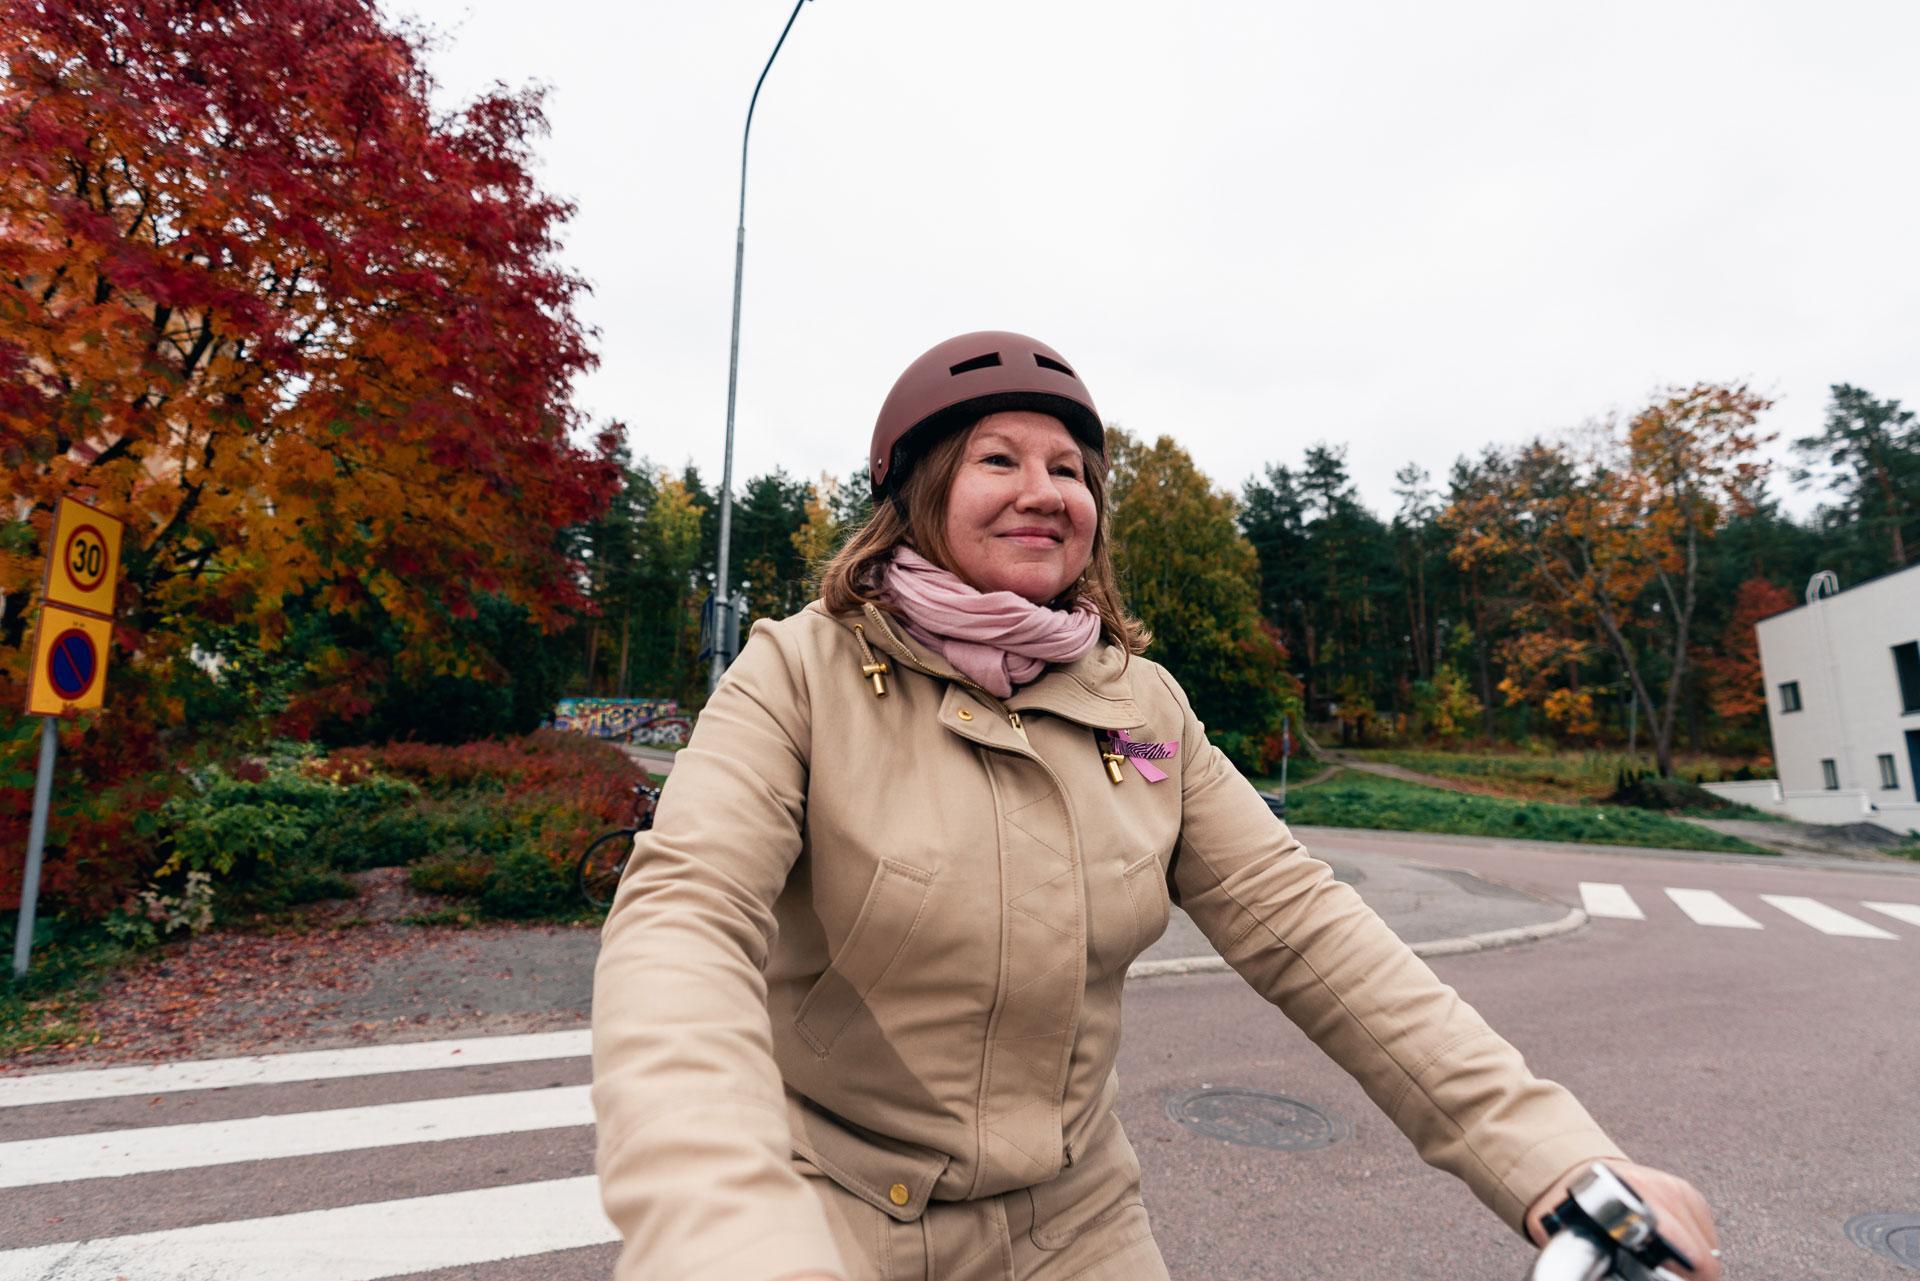 Nainen pyöräilee kypärä päässä kaupunkiympäristössä. Taustalla on syksyisiä puita.